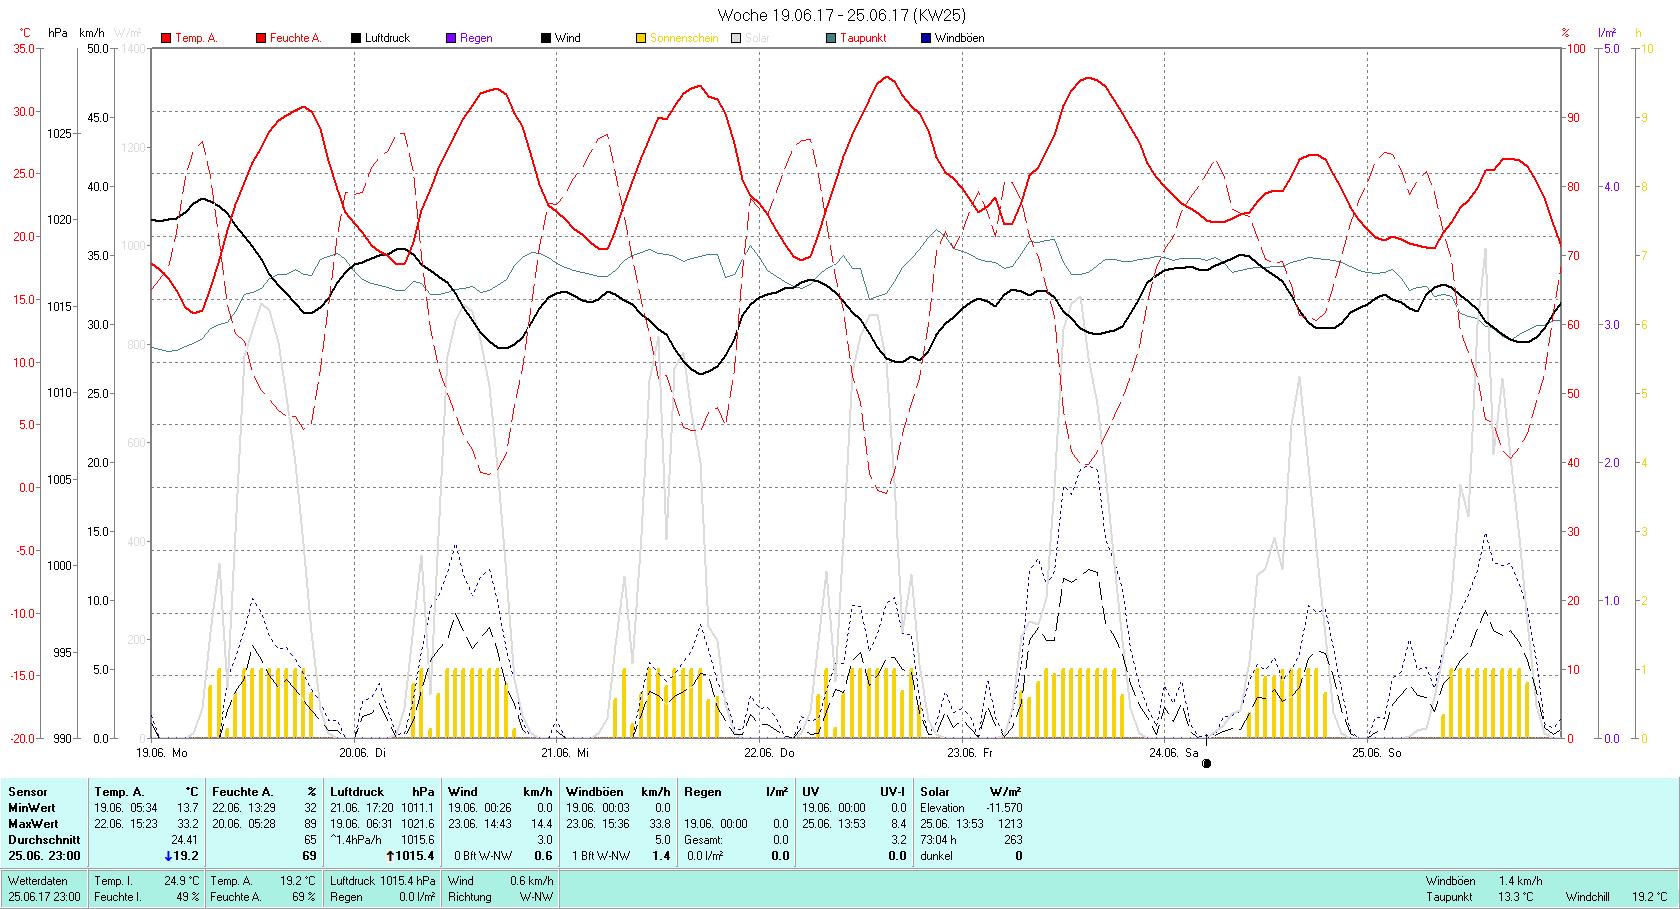 KW 25 Tmin 13.7°C, Tmax 33.2°C, Sonne 73:04h, Niederschlag 0.0mm/2